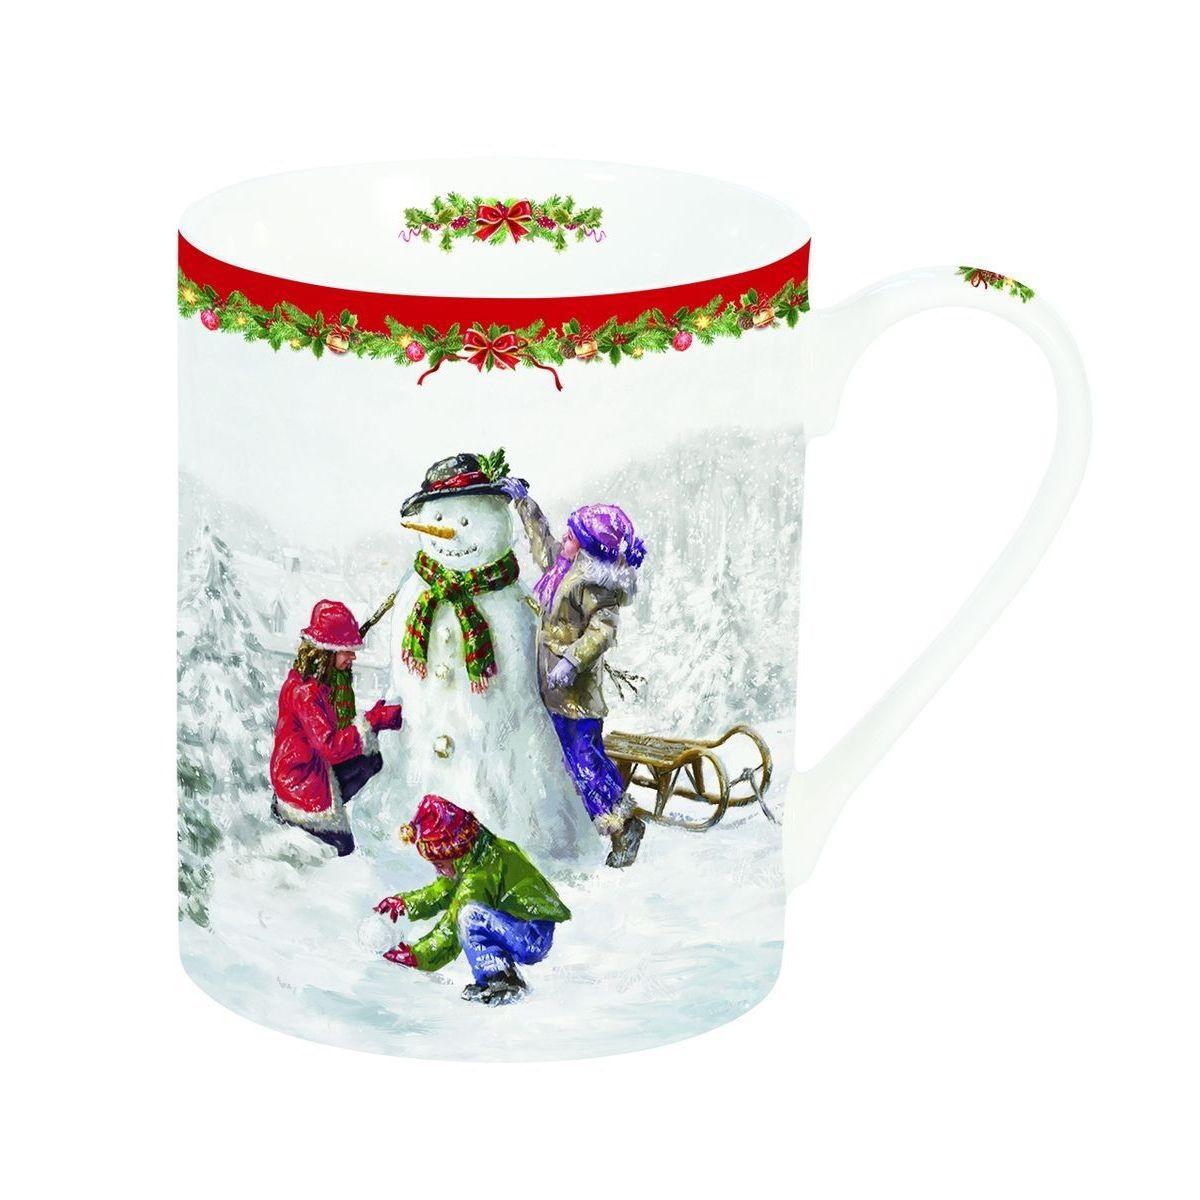 Кружка Забавный снеговик 300мл, фарфорКружка Забавный снеговик имеет классическую форму и лаконичный дизайн. Модель декорирована ярким и красочным принтом с изображением зимней рождественской сцены. Такой декор понравится и взрослым, и детям. Кружка станет прекрасным выбором для дома, ее можно преподнести в качестве подарка дорогим и близким людям, что будет особенно актуально к новогодним праздникам. Модель изготовлена из высококачественной и прочной керамики, которая не образует сколов и отличается долговечностью. Кружка Забавный снеговик подходит для мытья в посудомоечной машине вместе с прочей посудой.<br>